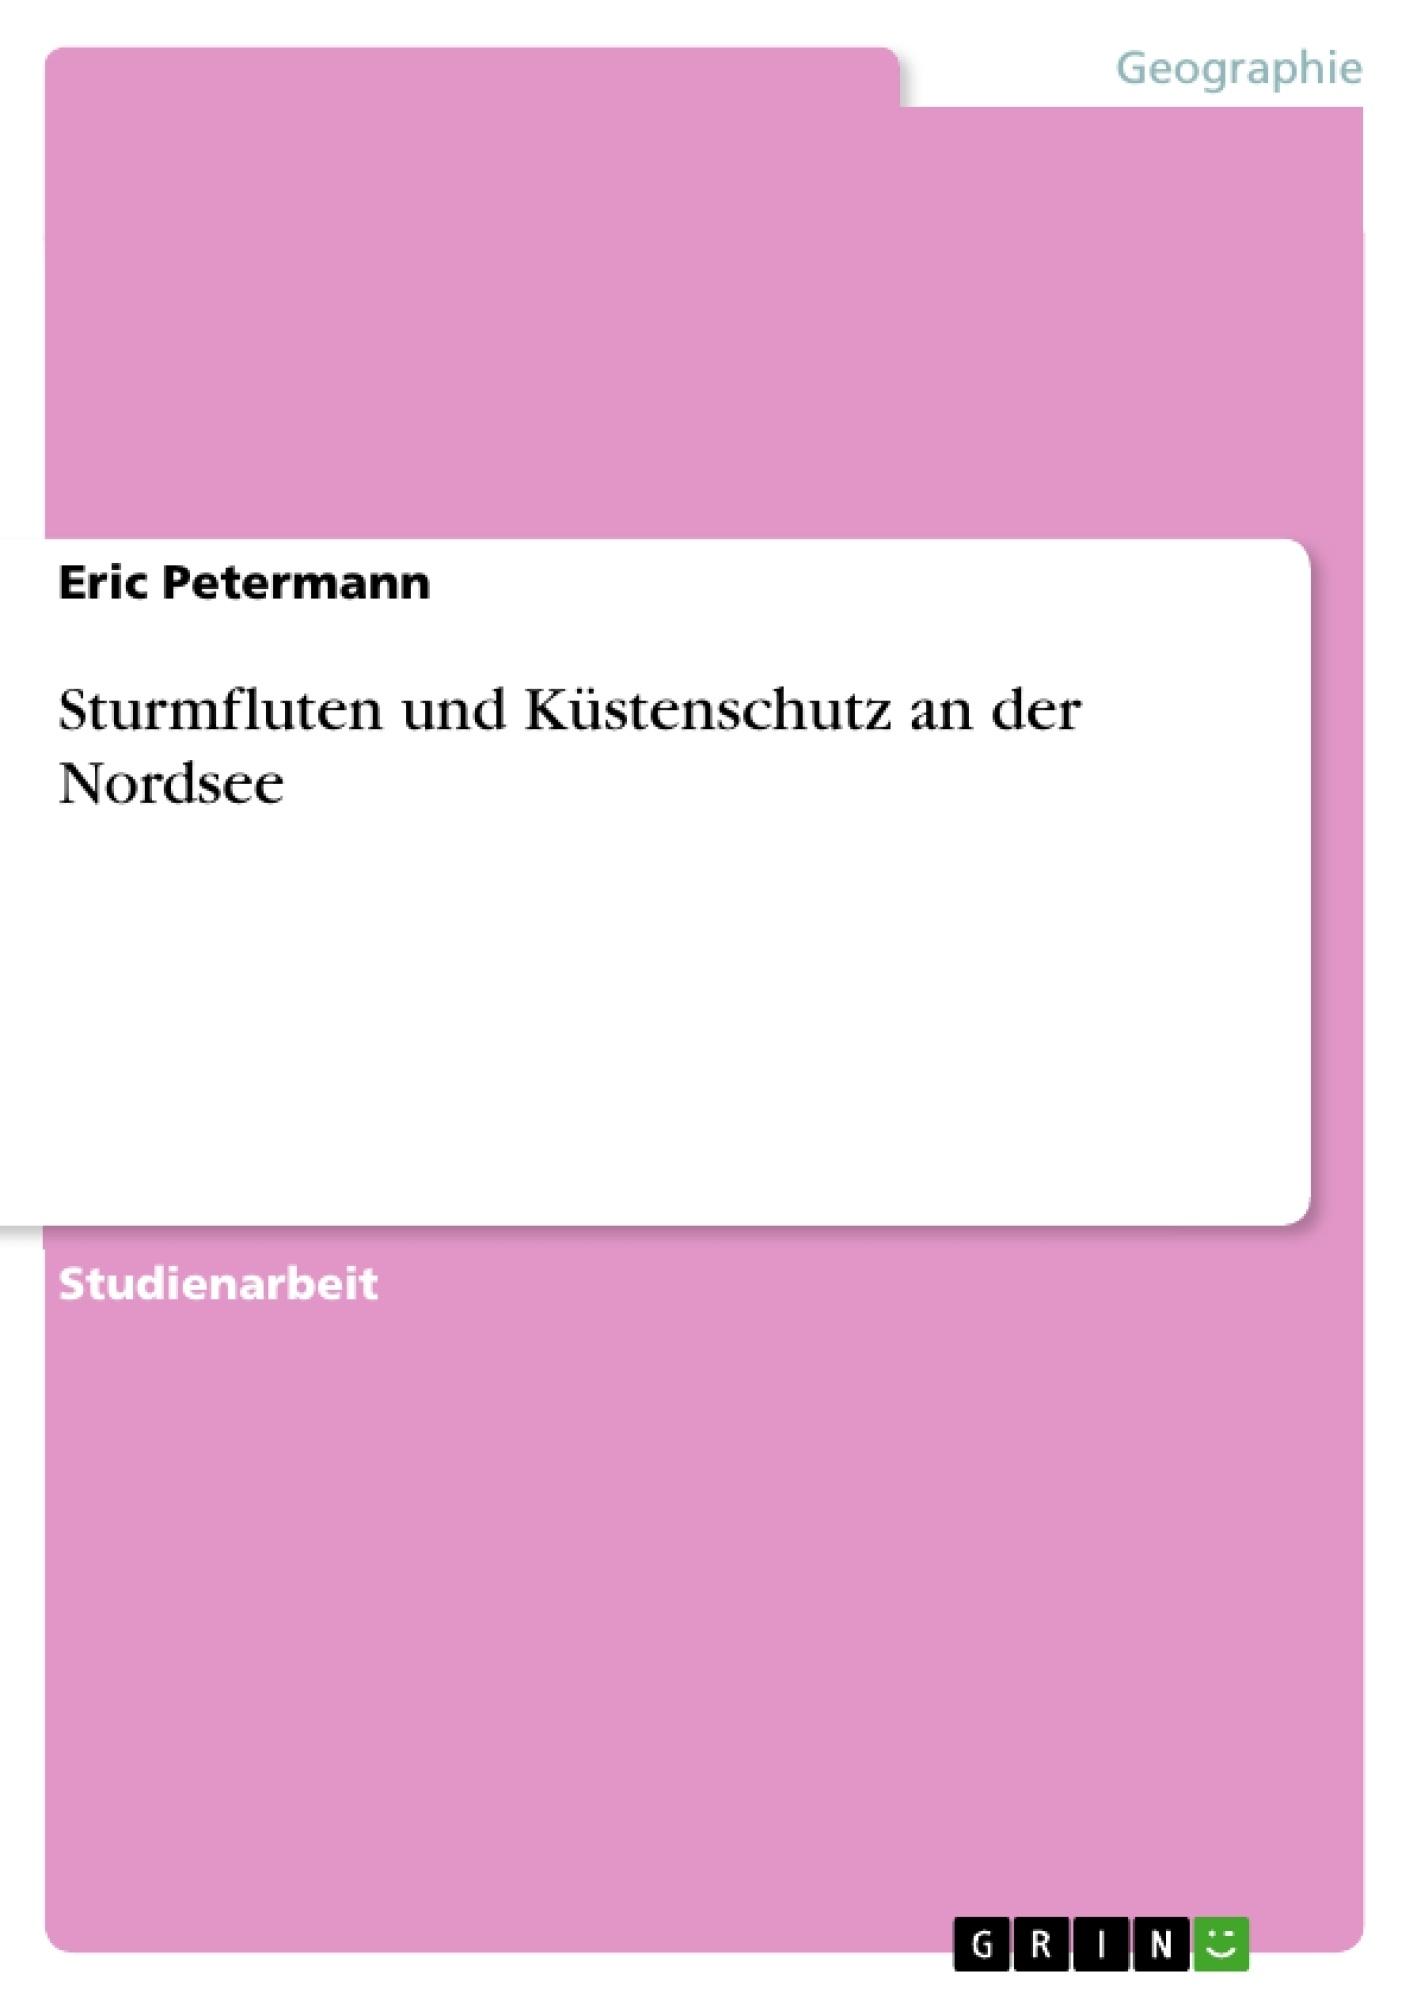 Titel: Sturmfluten und Küstenschutz an der Nordsee